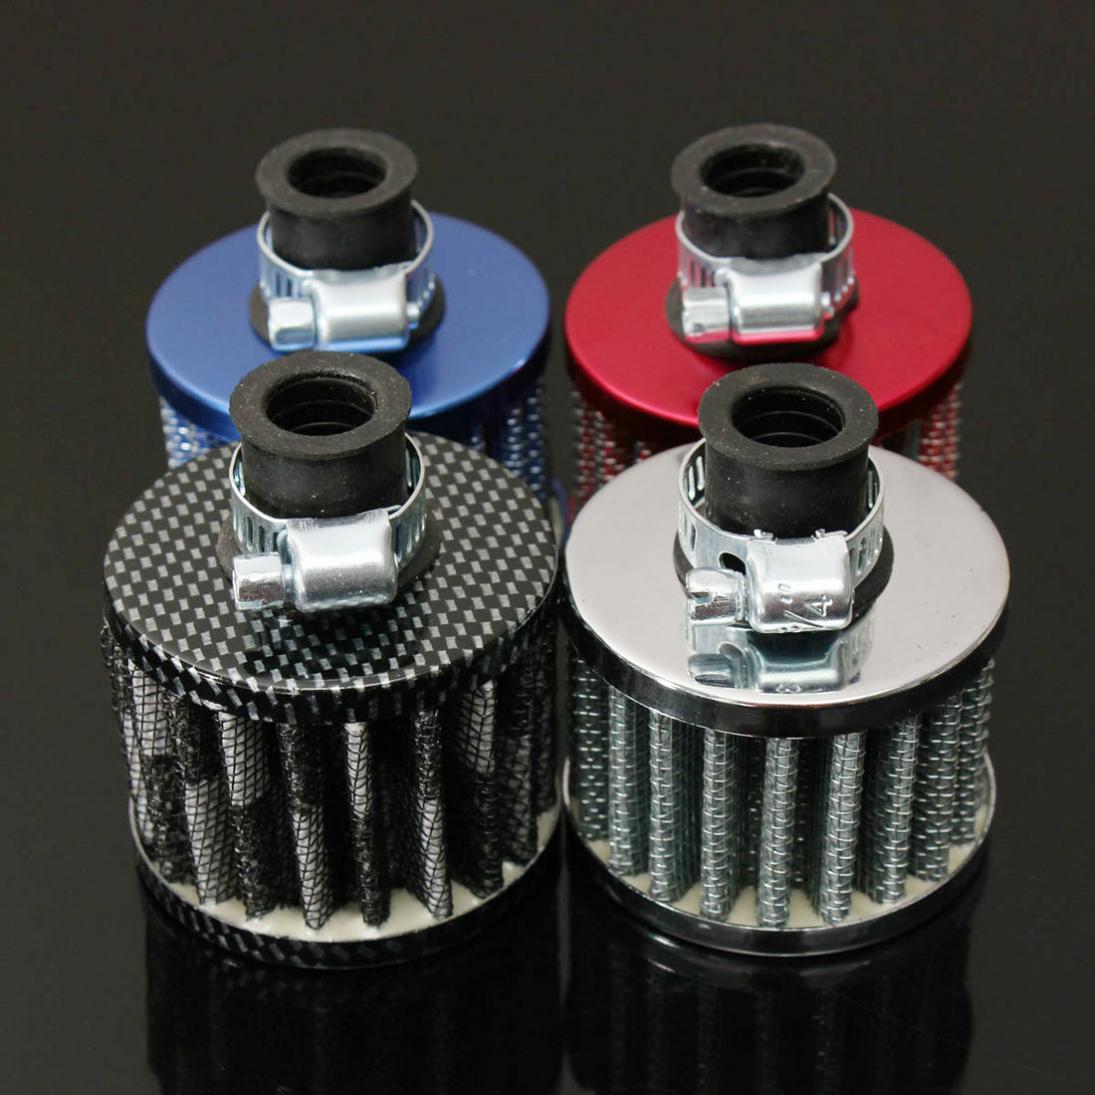 12 мм набор фильтров для подачи масла и холодного воздуха кривошипный чехол для вентиляционного отверстия с высокой вентиляционной индукци...